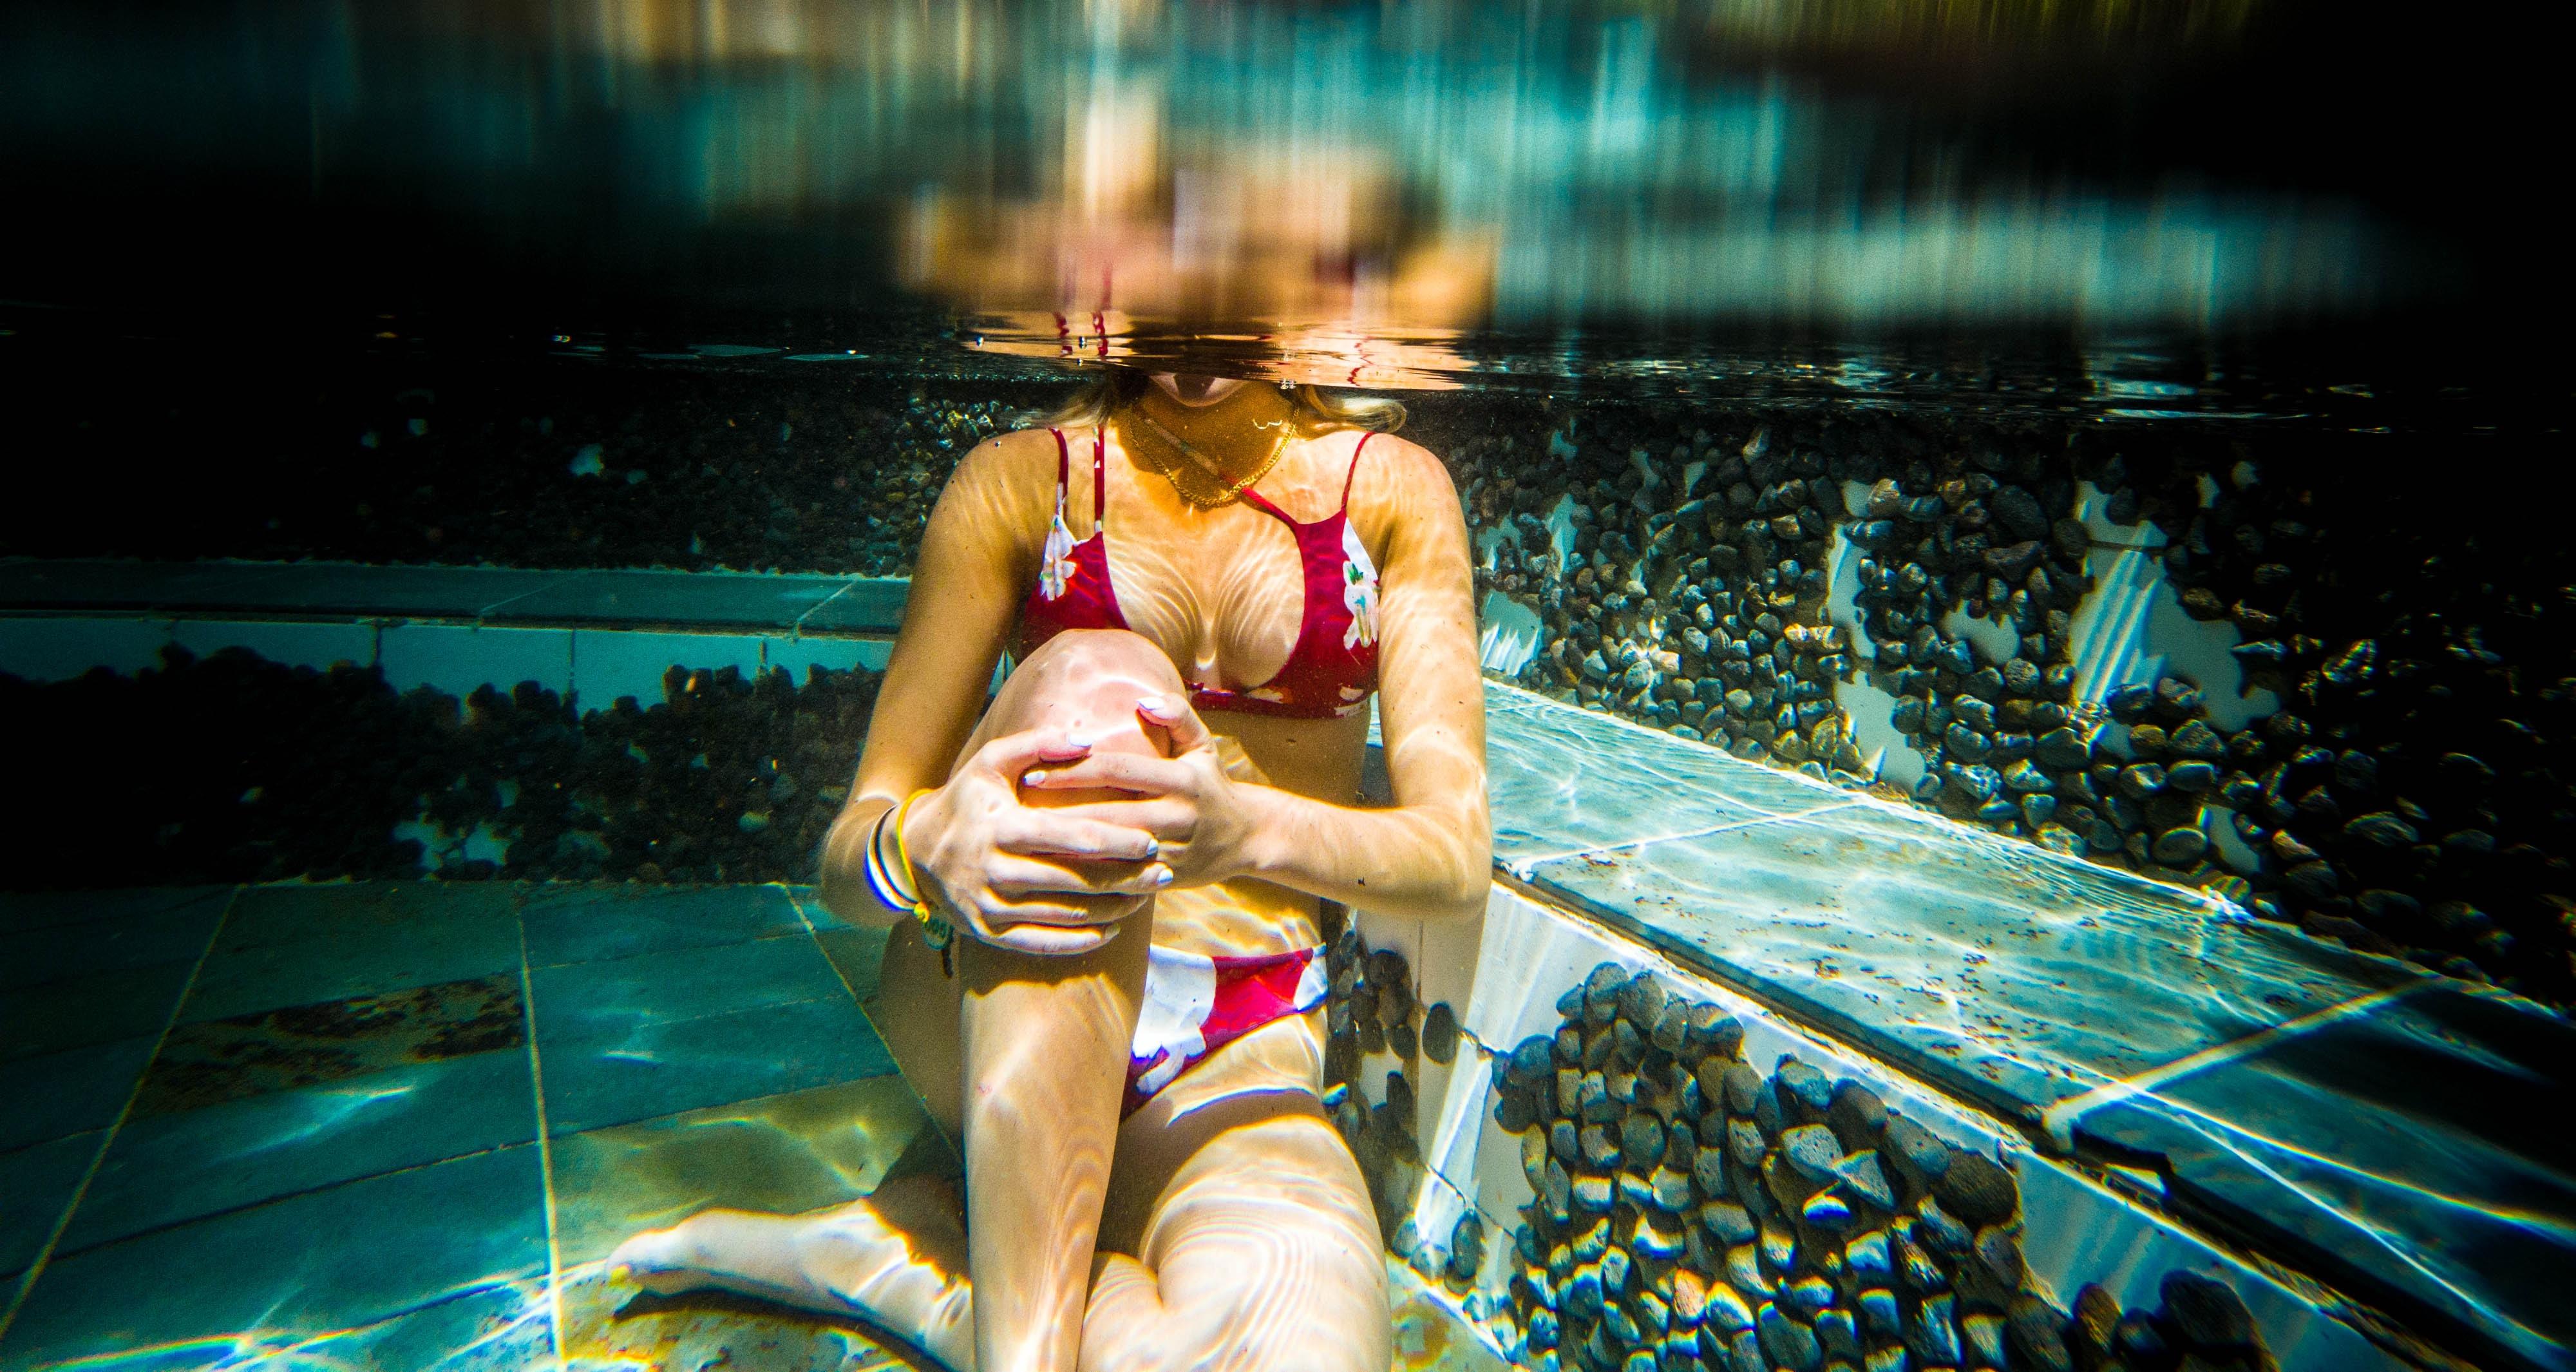 woman sitting underwater